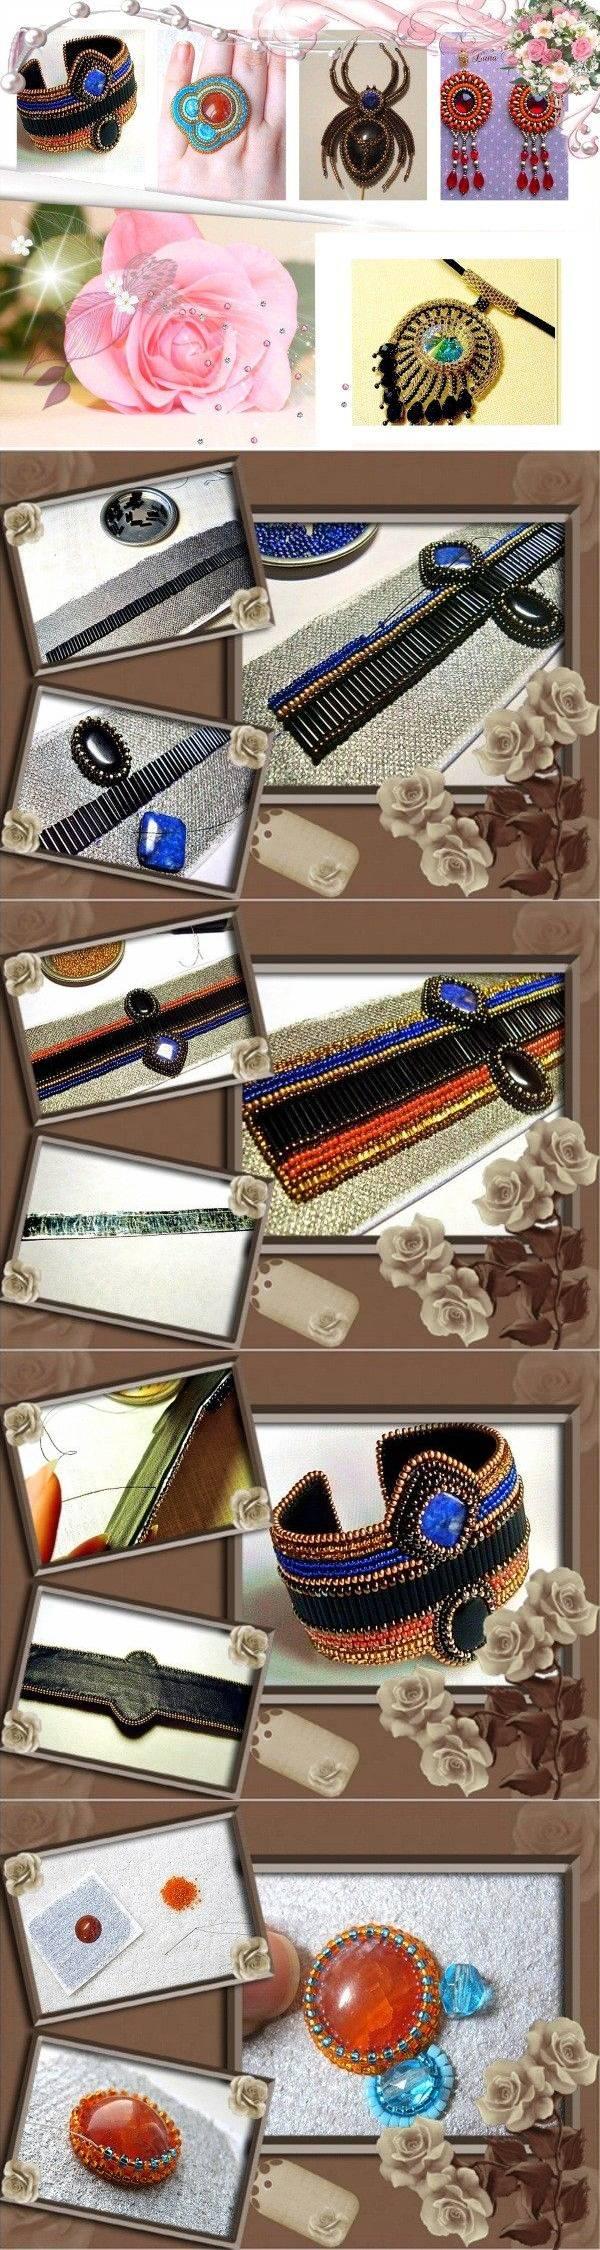 Бисерные украшения в восточном стиле. 4 мастер-класса